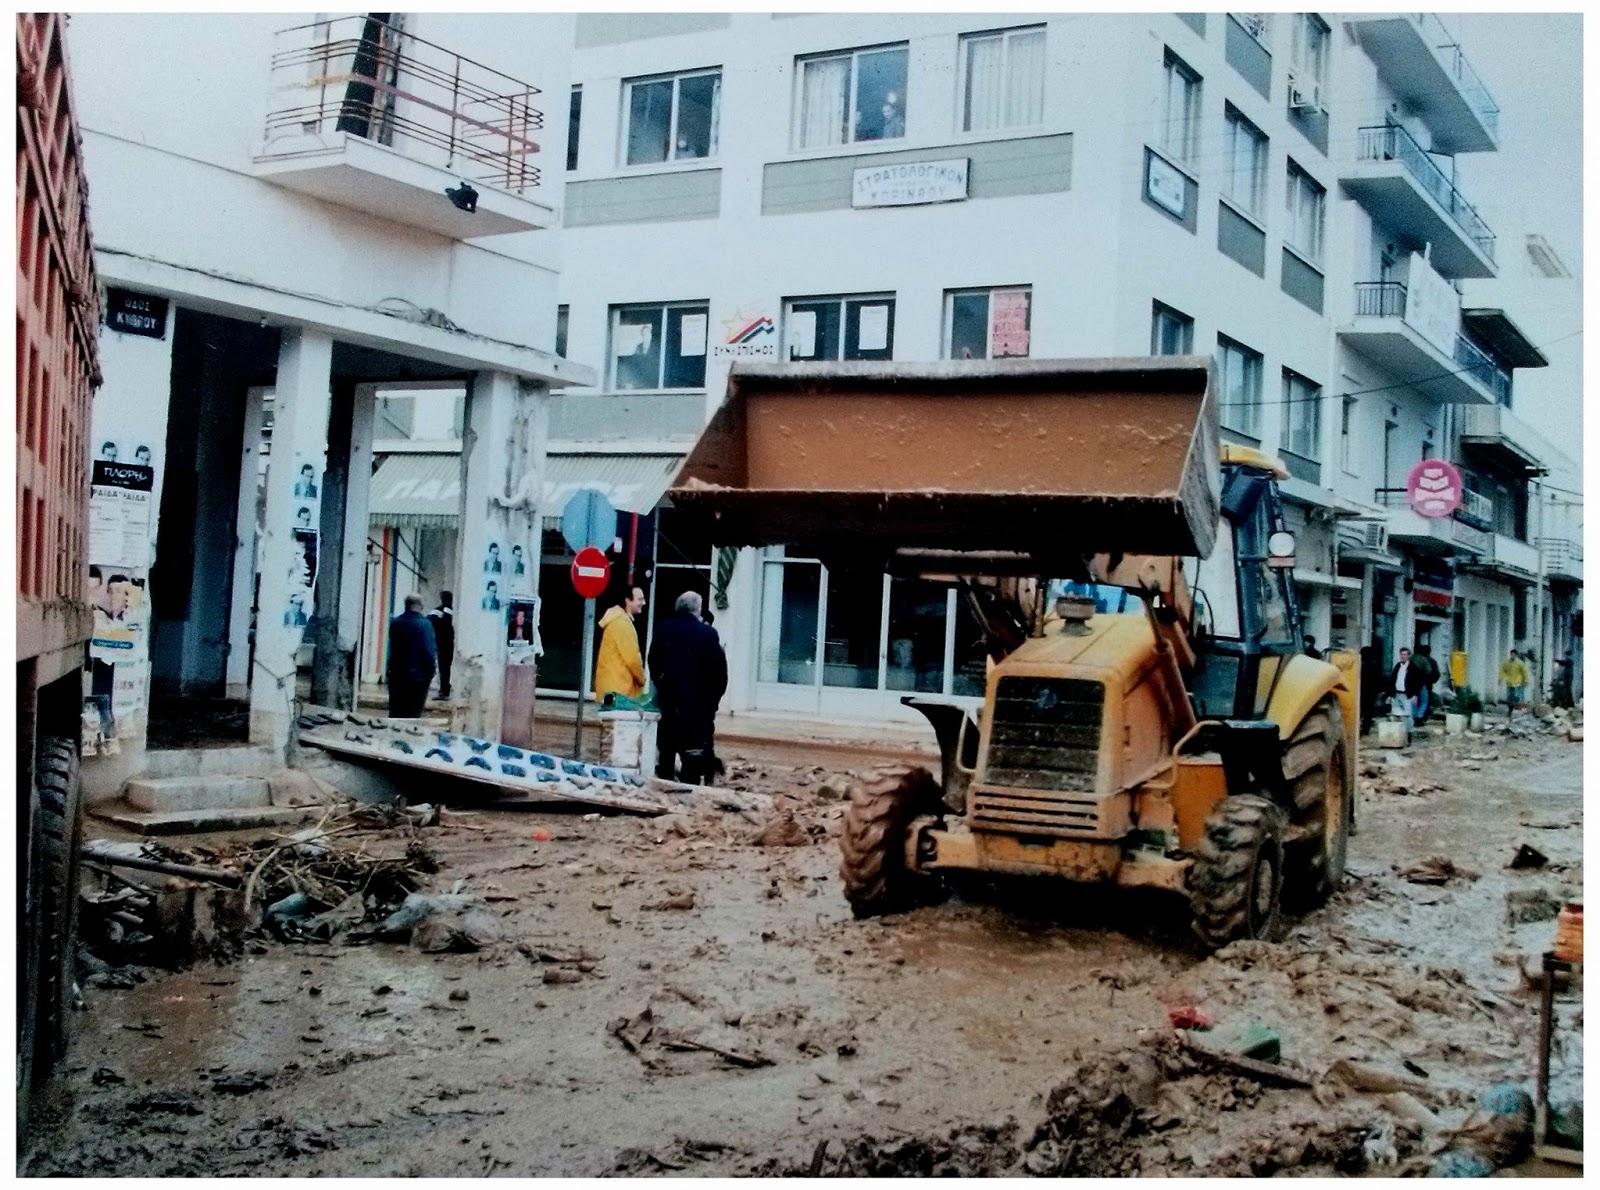 Αποτέλεσμα εικόνας για Πλημμύρες στην Κορινθο 12/1/1997